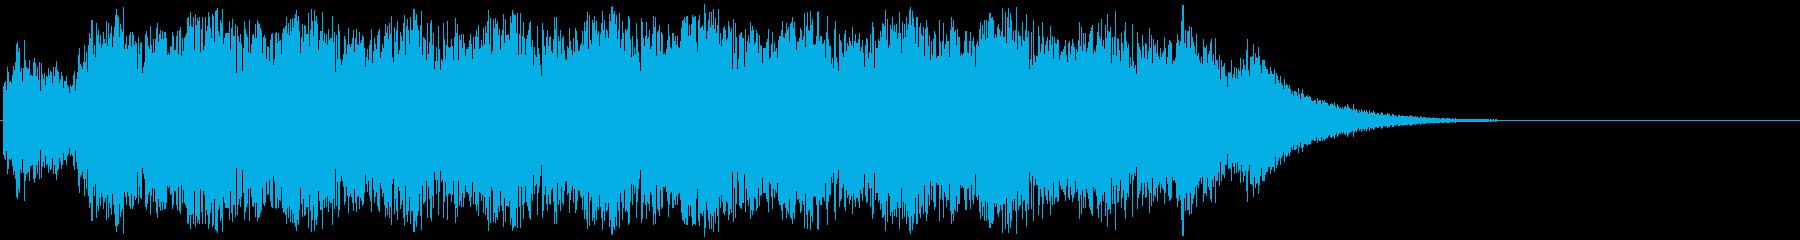 アニメにありそうなバルカン砲(音程高め)の再生済みの波形